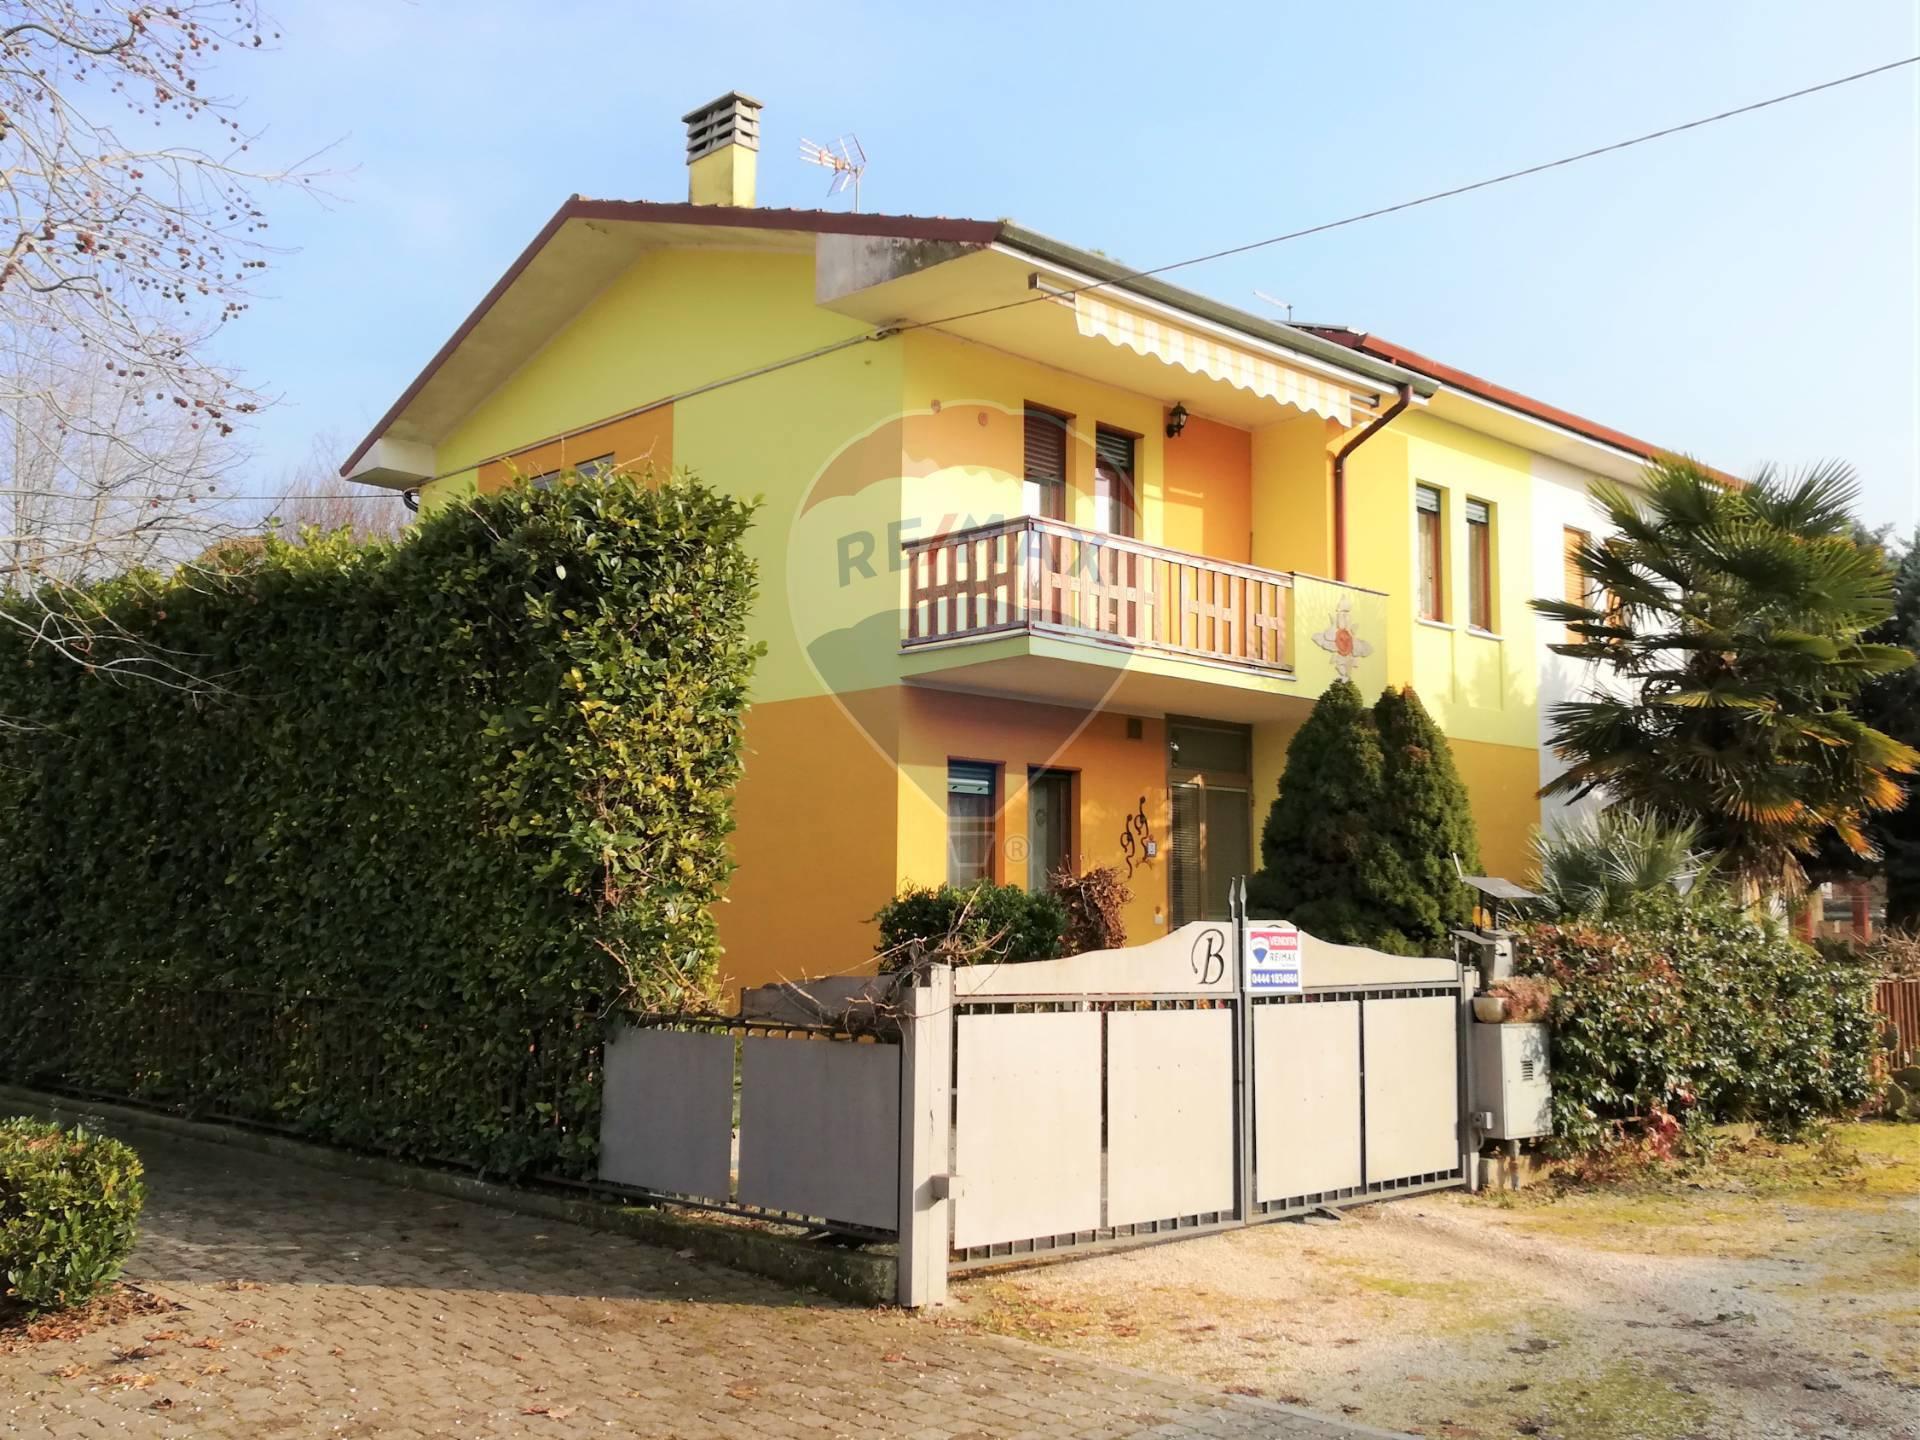 Villa Bifamiliare in vendita a Agugliaro, 5 locali, prezzo € 110.000 | CambioCasa.it